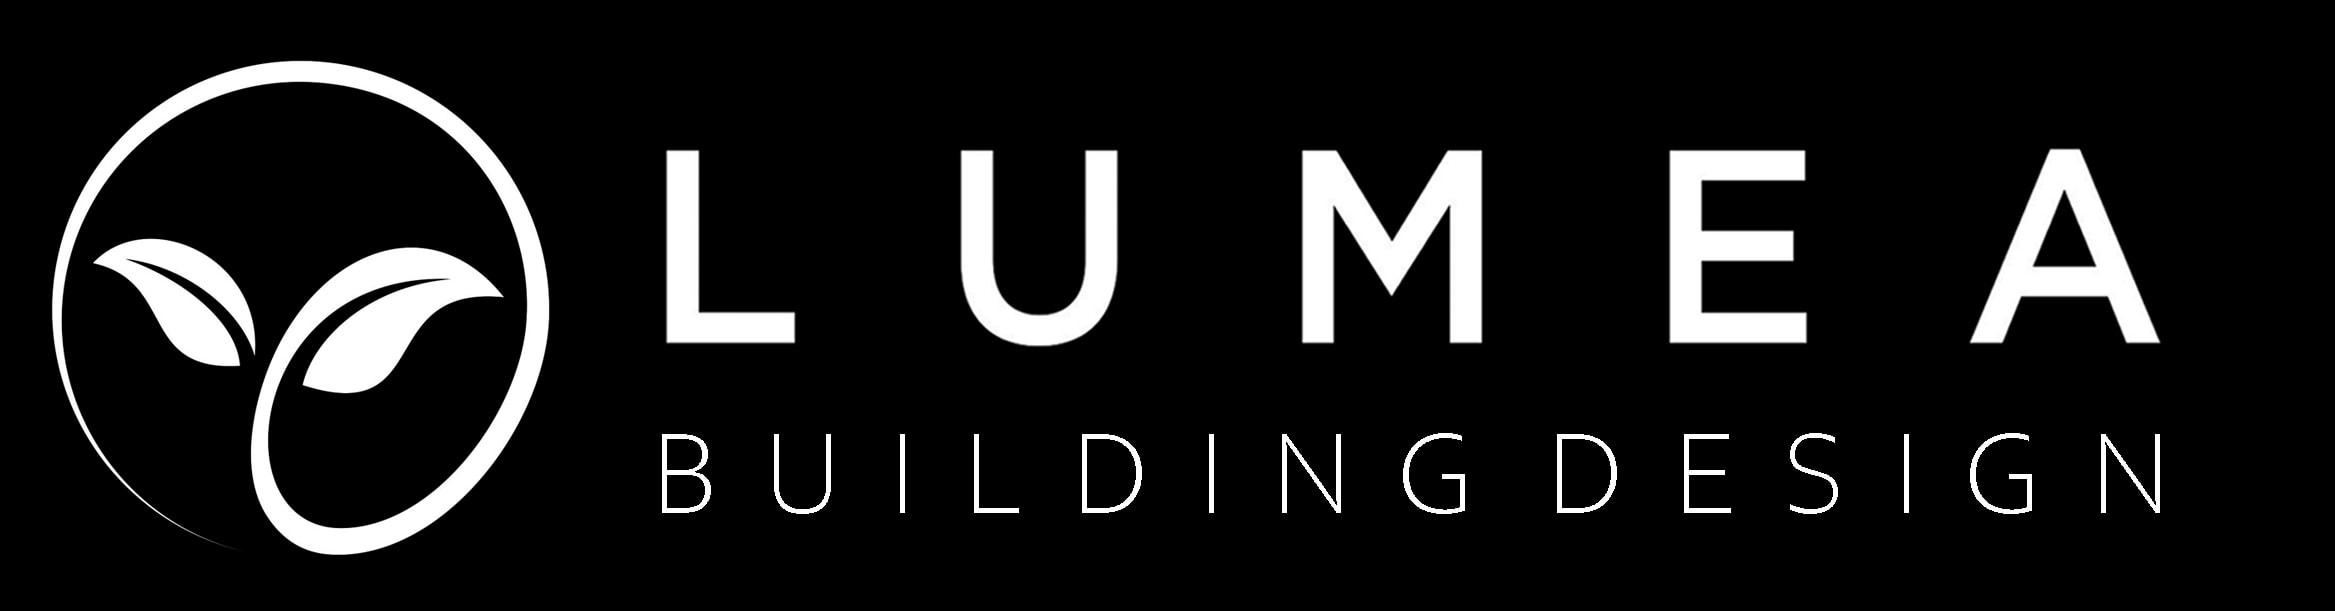 Lumea Building Design